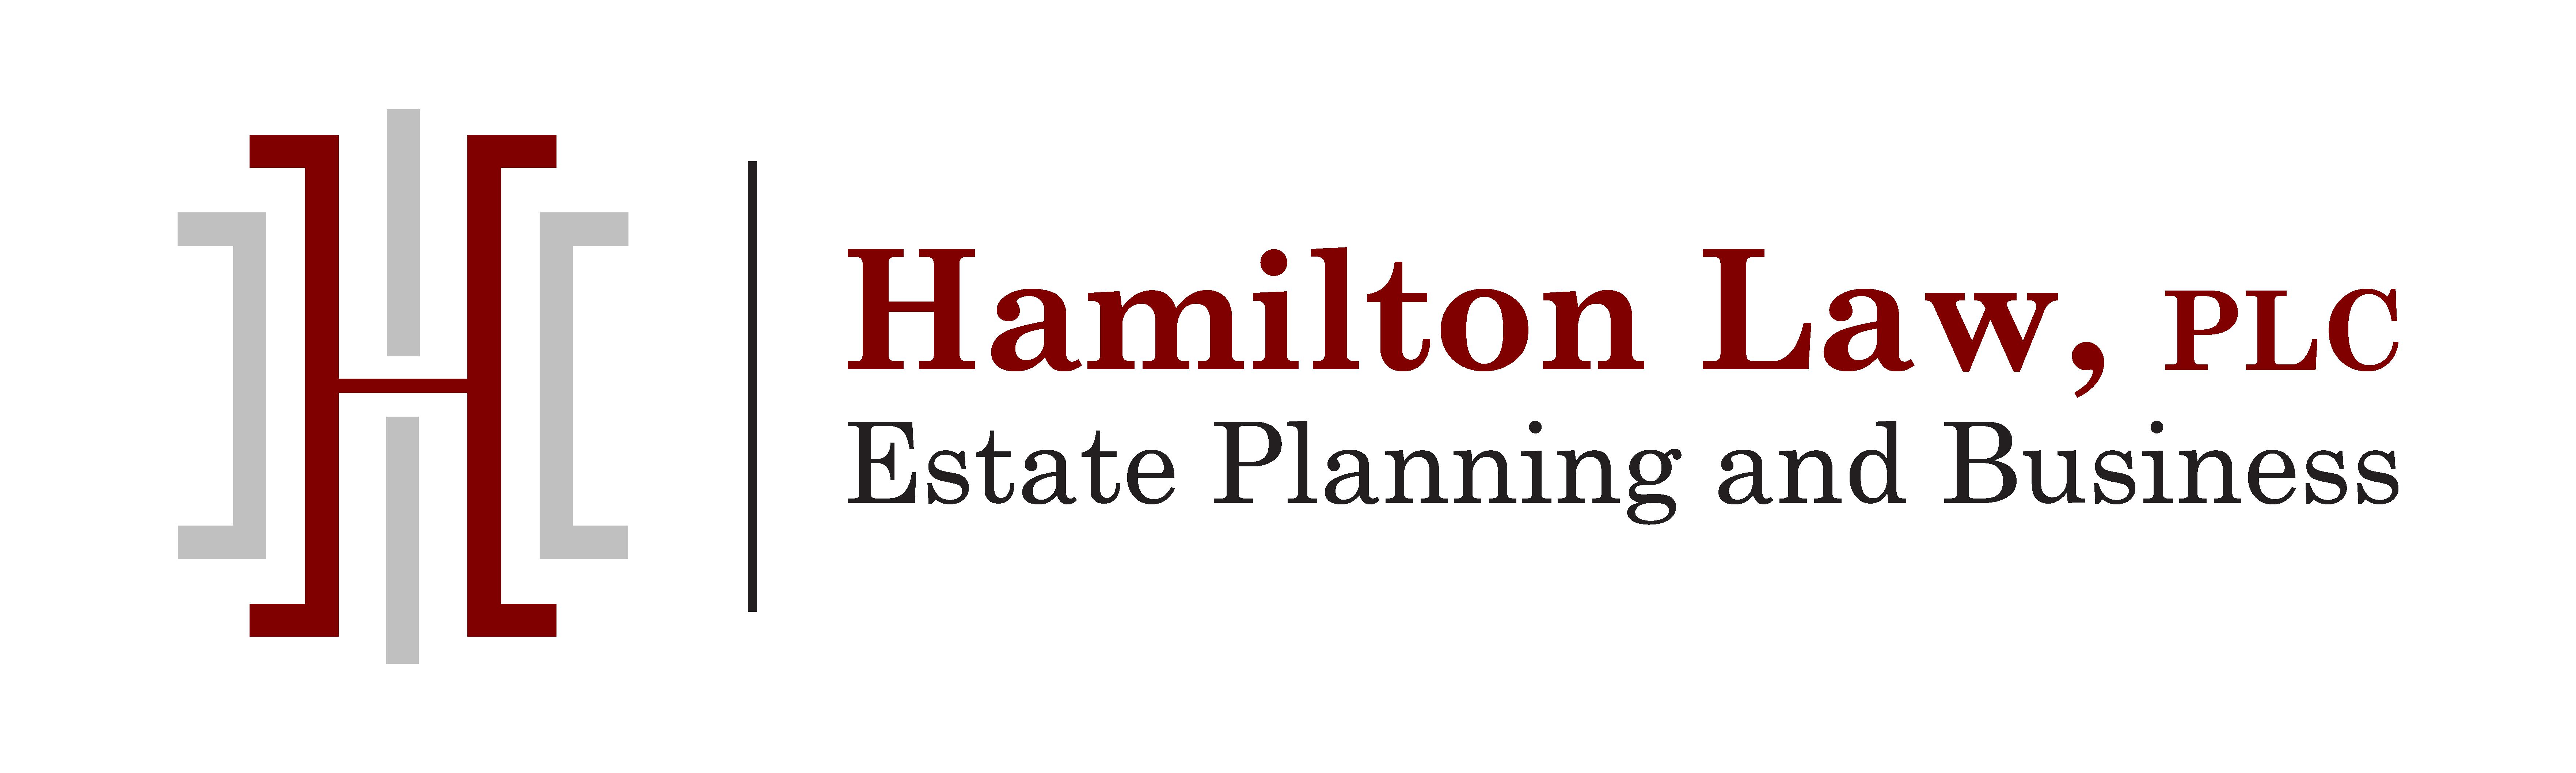 Hamilton Law, PLC | Estate Planning & Business Law Firm